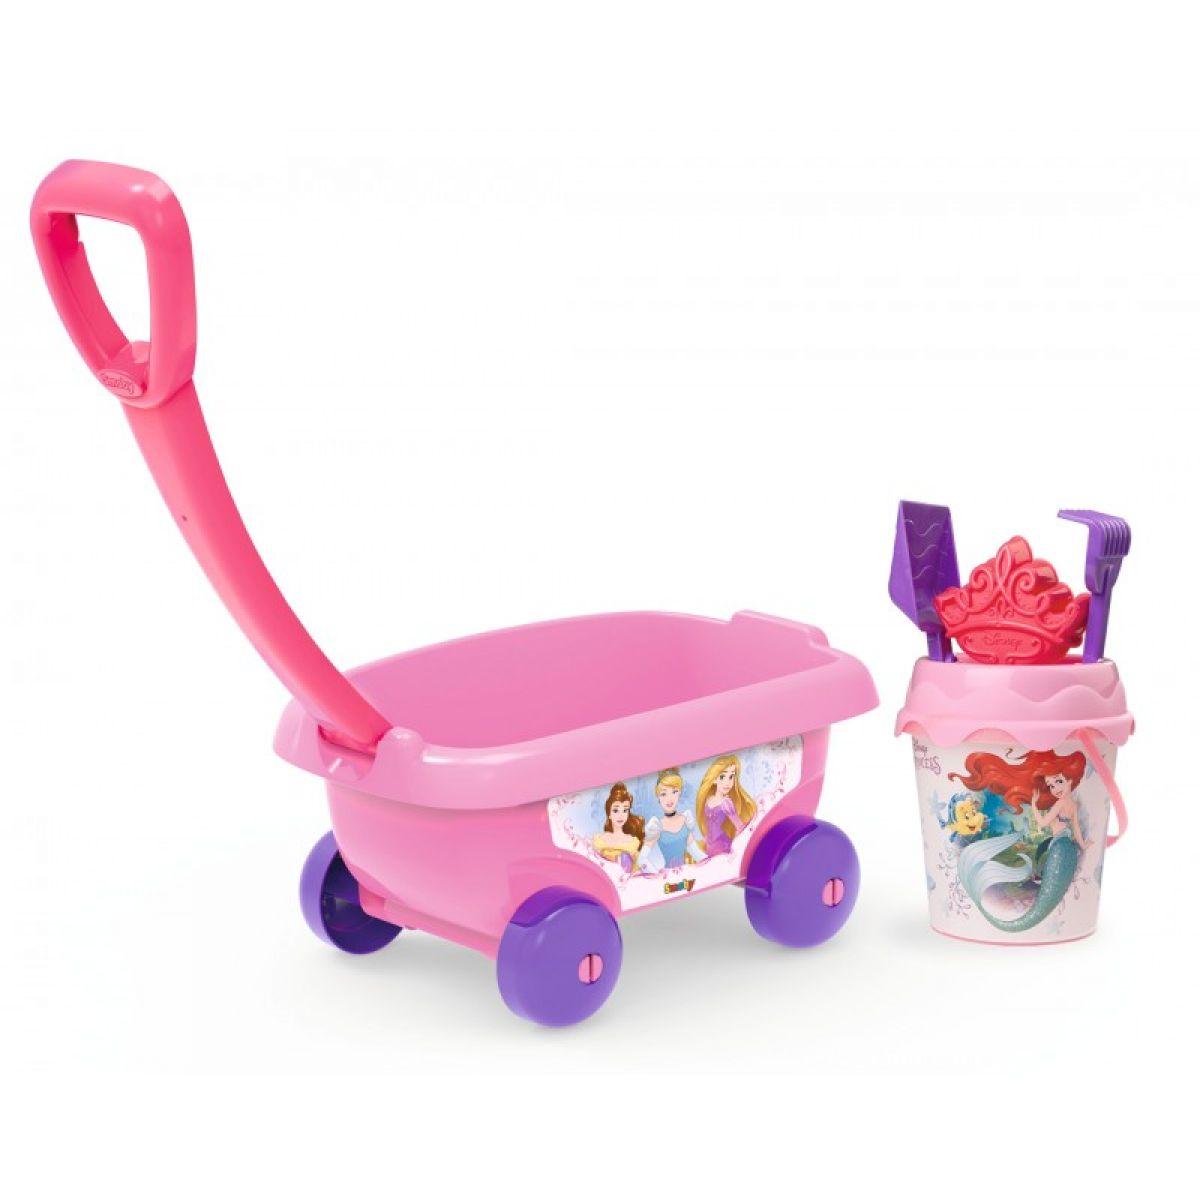 Smoby dětský vozík na tahání Disney Princezny s kbelík setem růžový